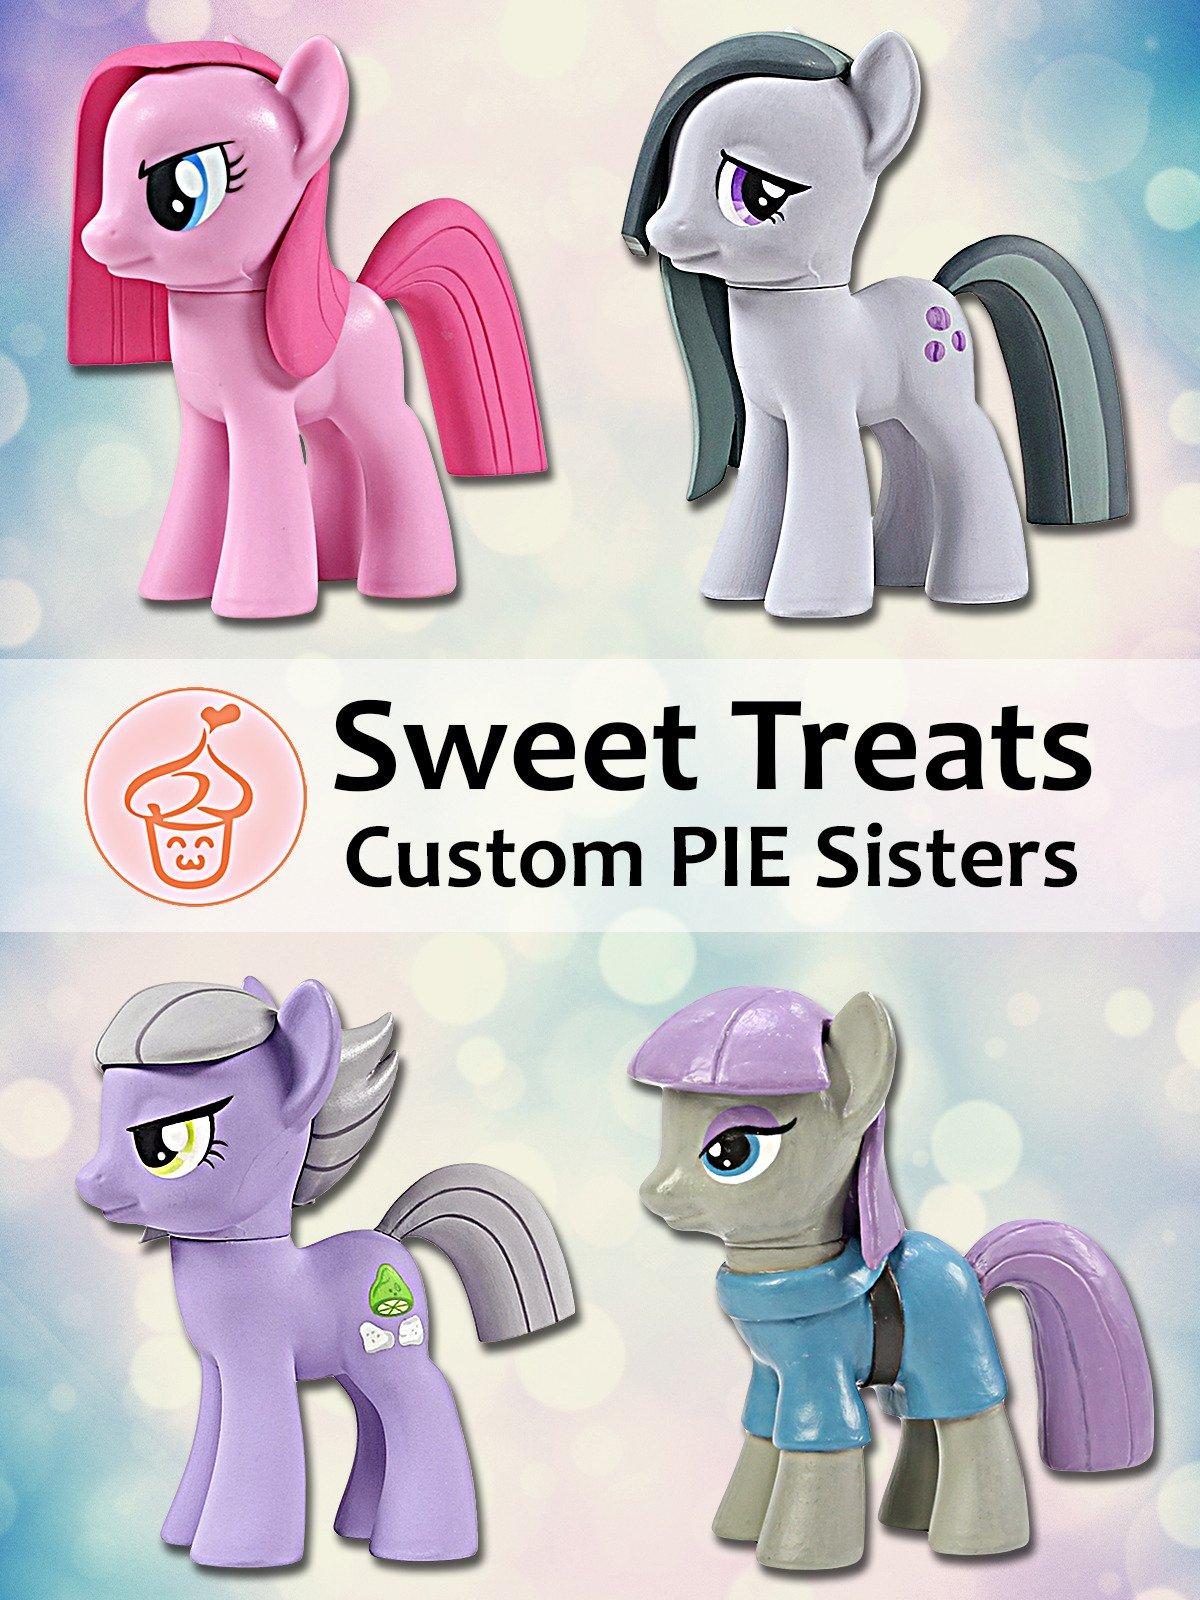 Sweet Treats Ponies: MLP Custom Pie Sisters